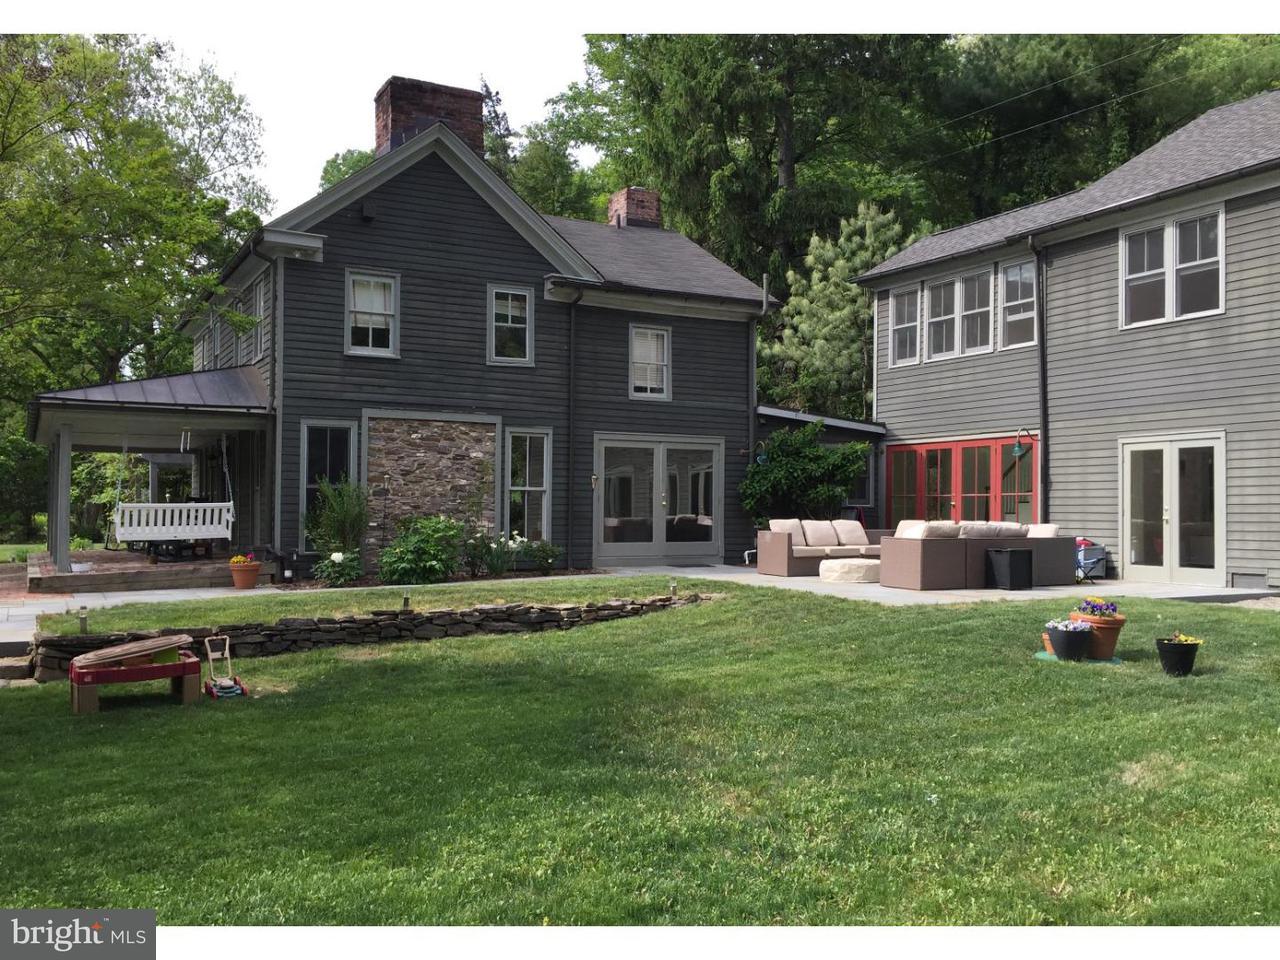 Частный односемейный дом для того Аренда на 80 OLD RIVER Road Stockton, Нью-Джерси 08559 Соединенные ШтатыВ/Около: Kingwood Township